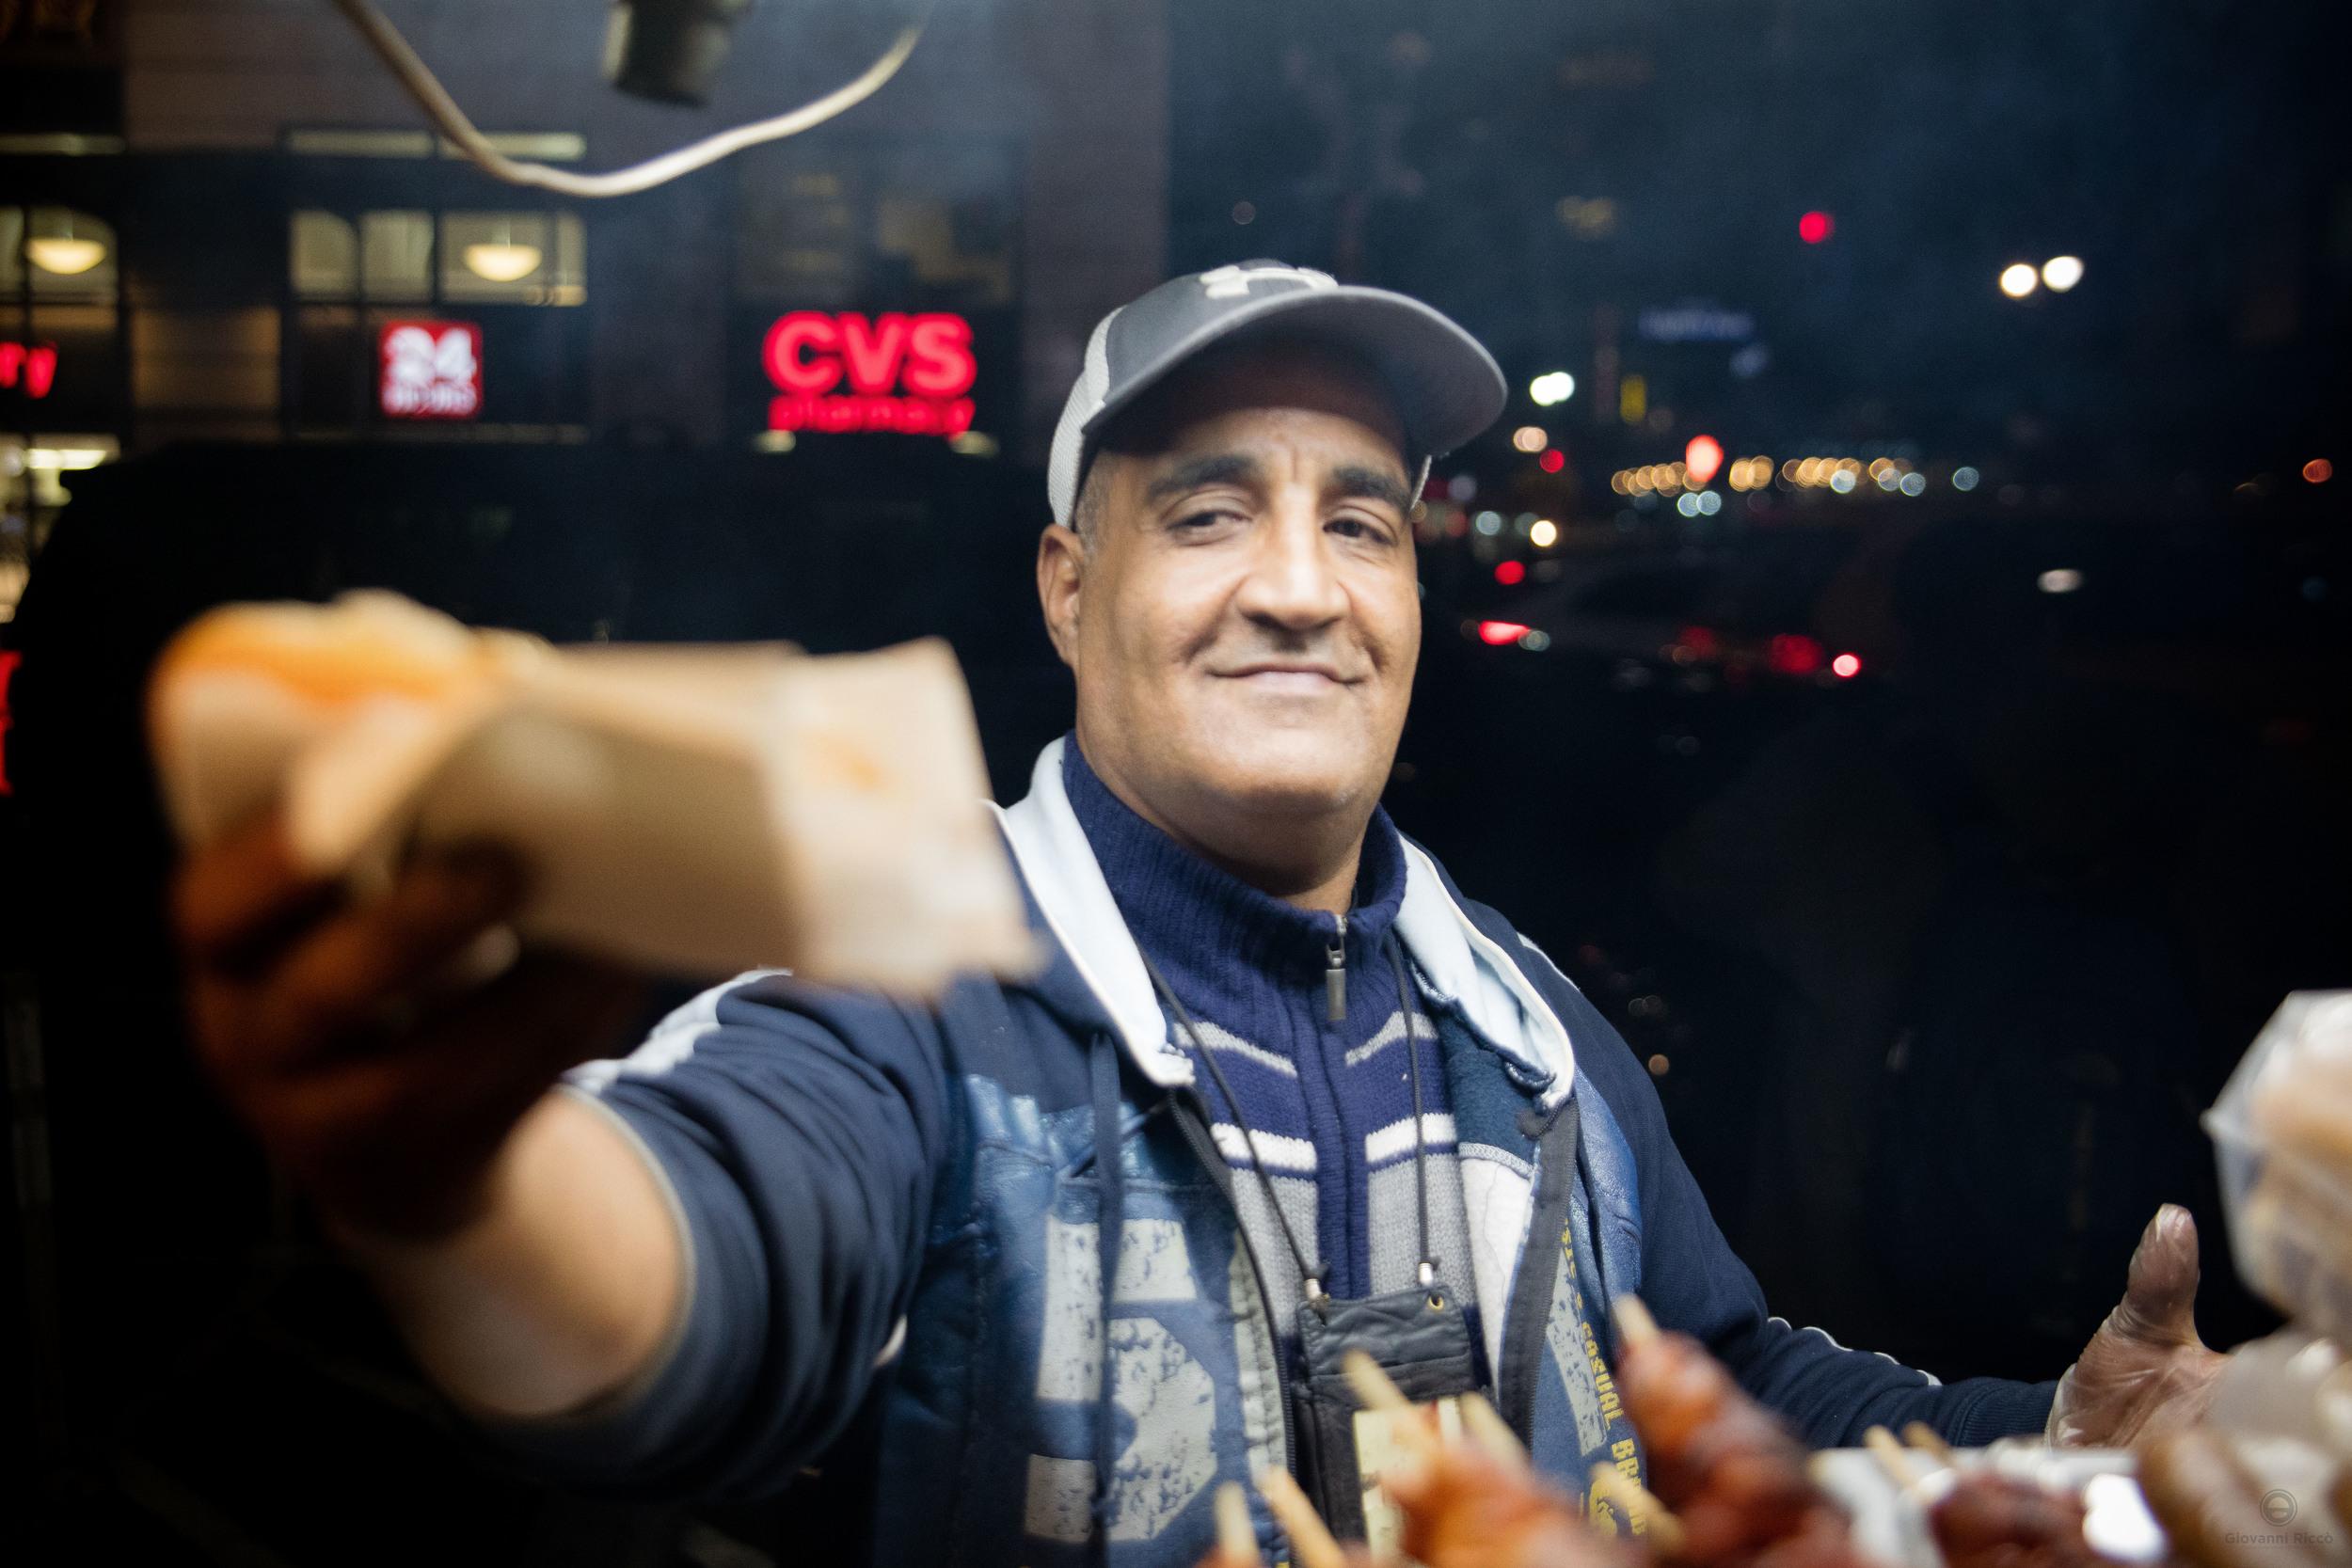 Food vendor in NYC